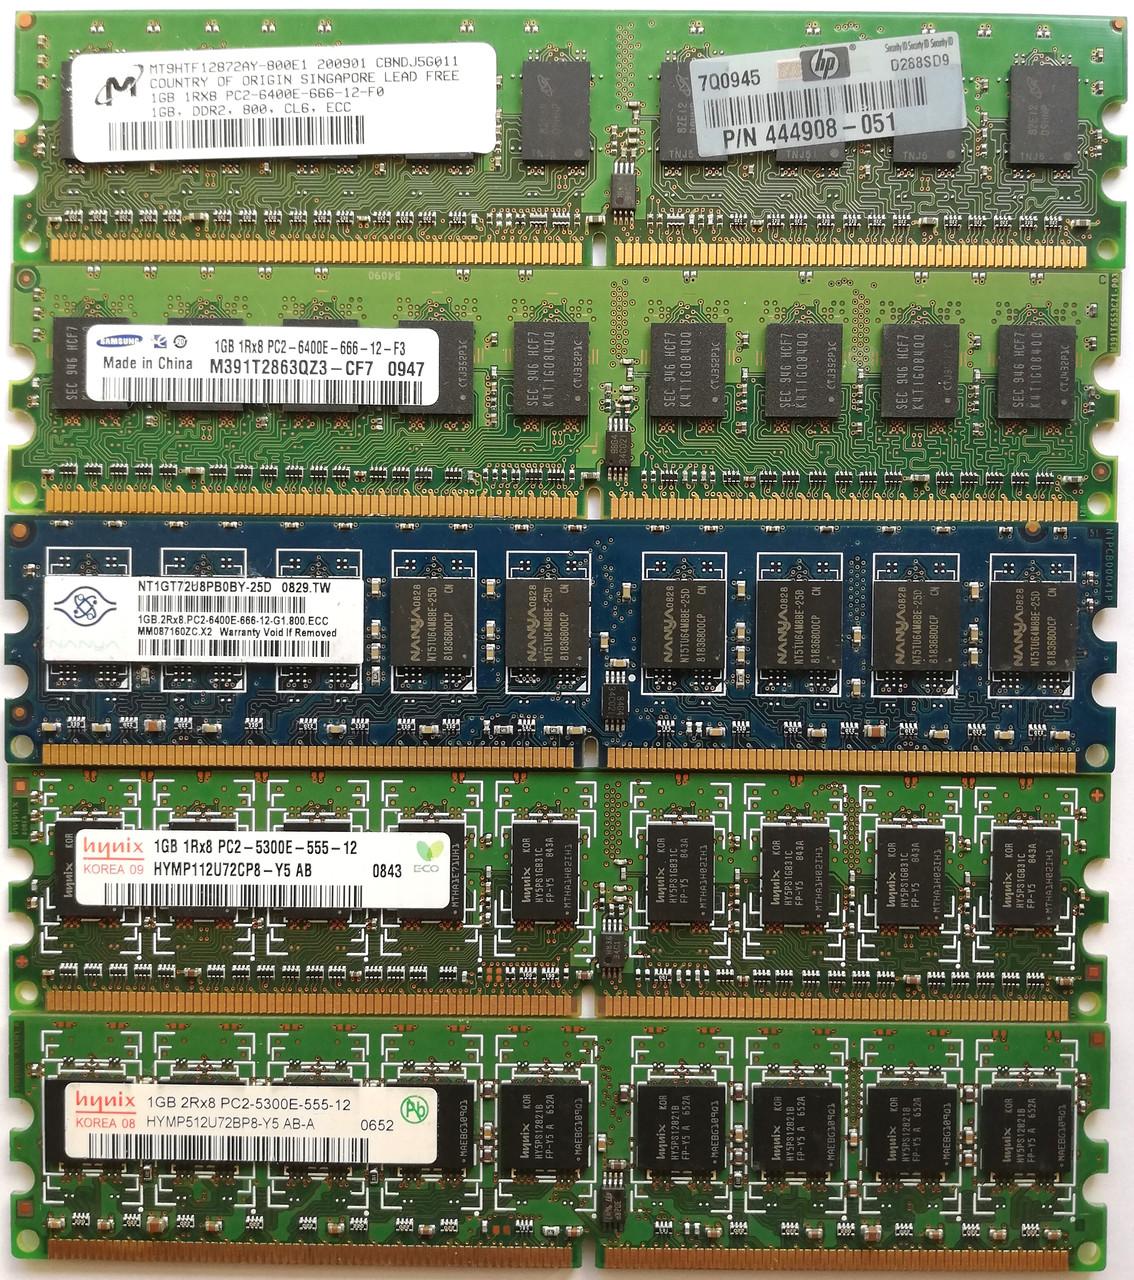 Серверная оперативная память DIMM DDR2 1Gb 667-800MHz 5300-6400E Б/У На запчасти или восстановление!